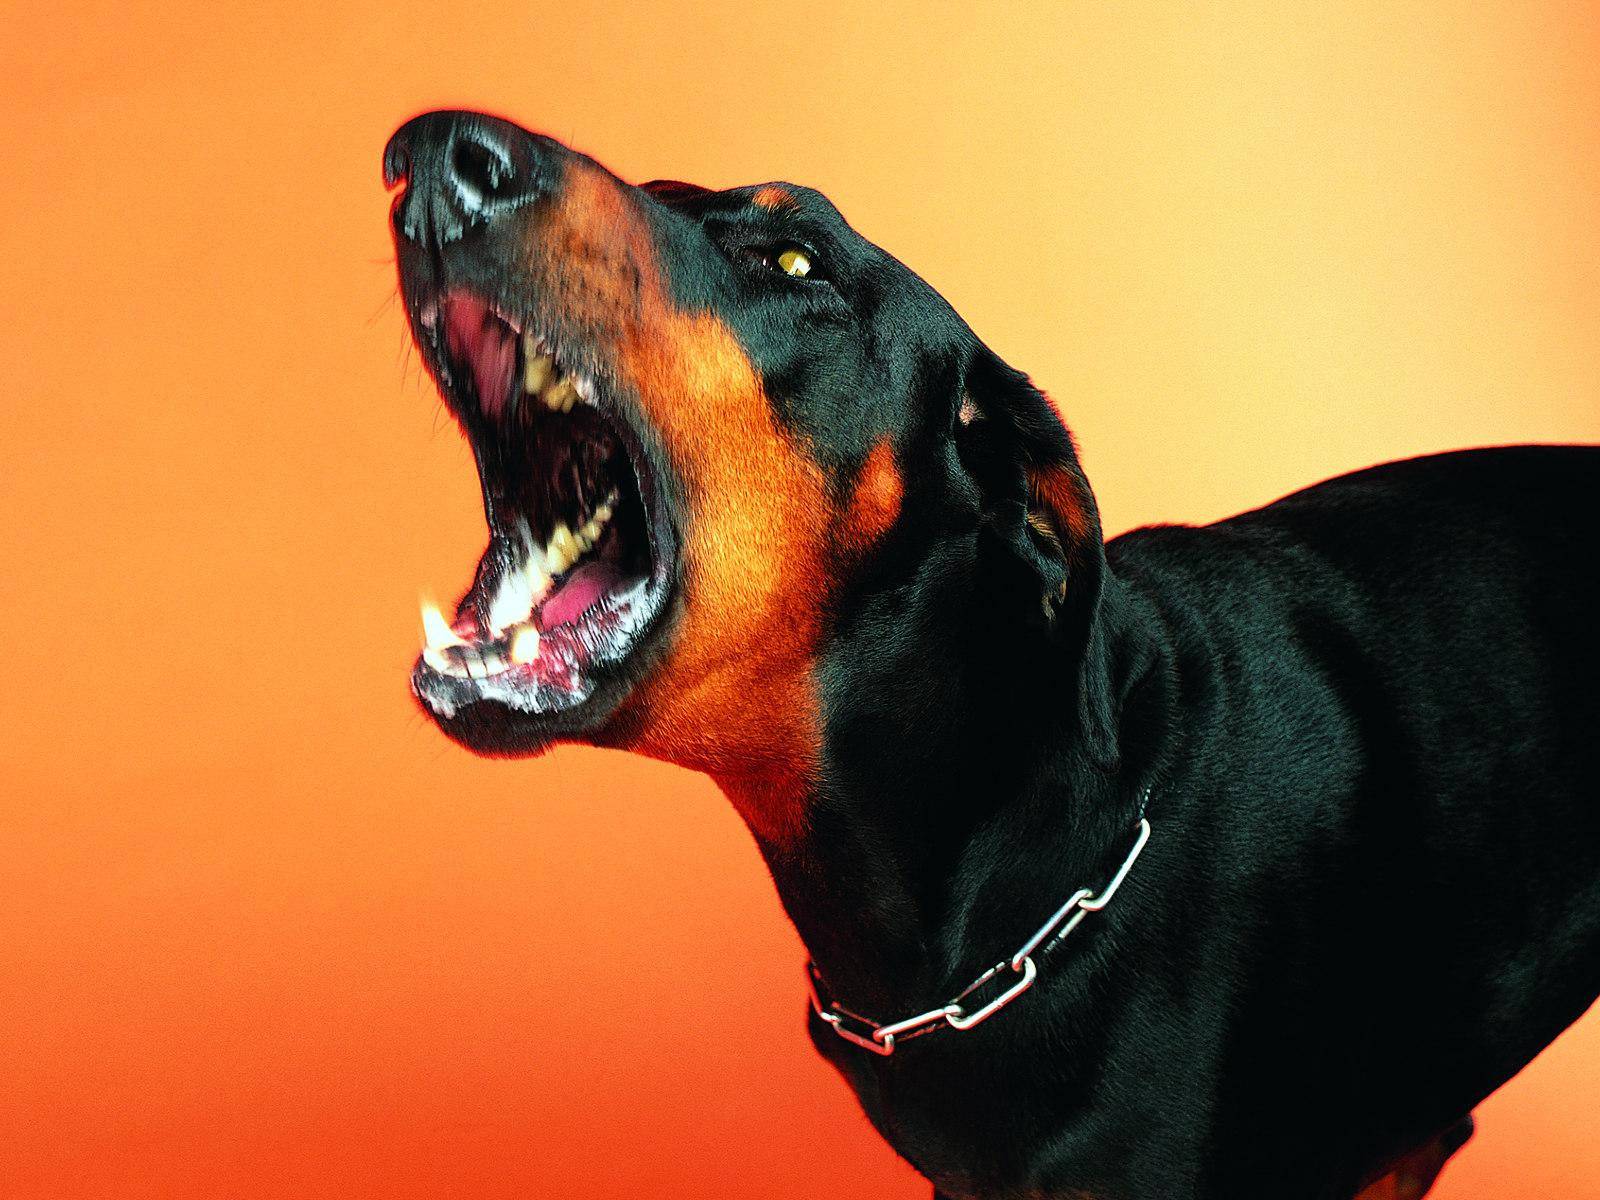 壁纸 狗狗/凶猛表情趣味可爱狗狗图片壁纸